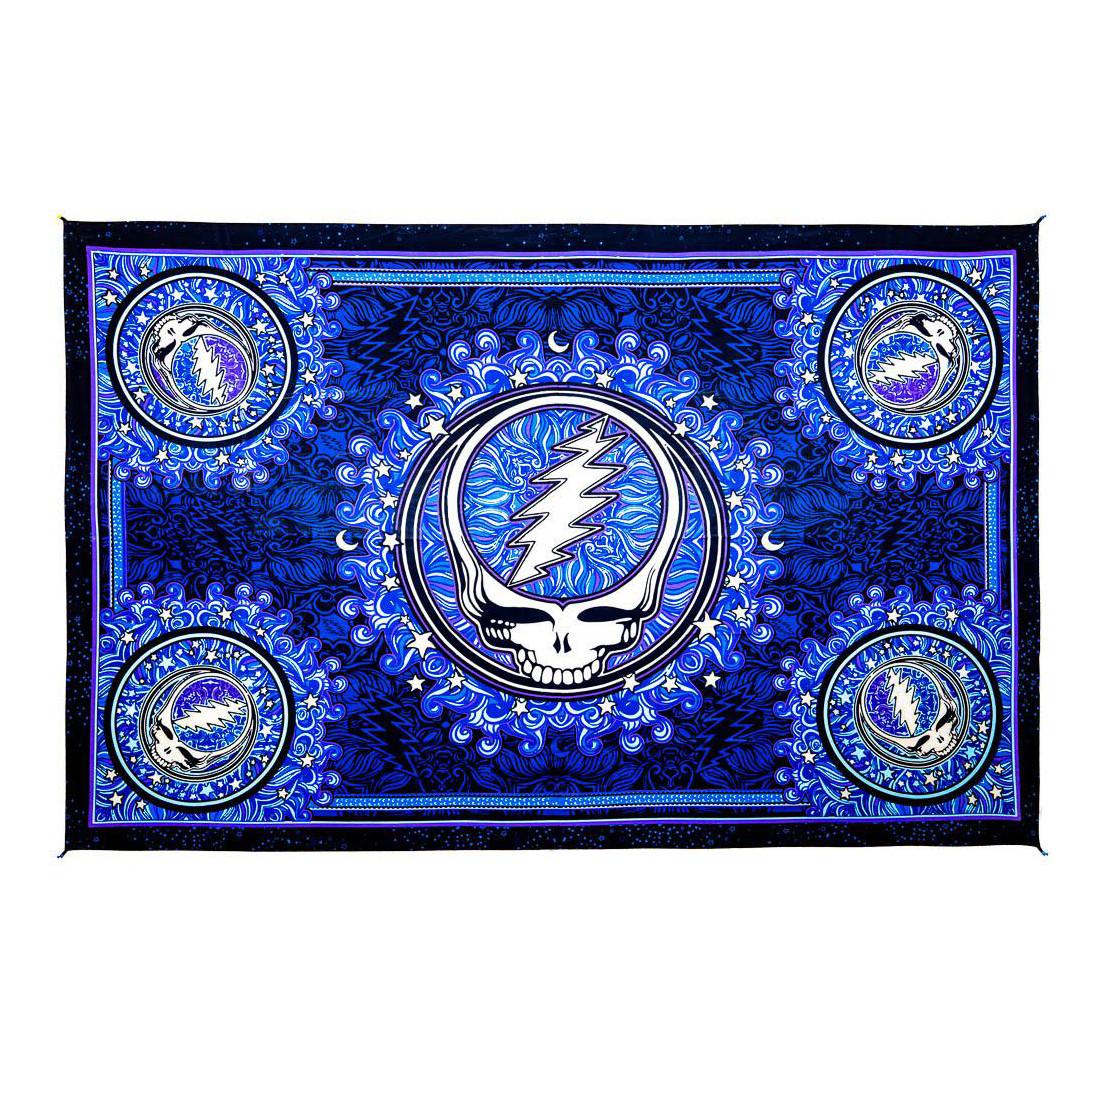 GD Dan Morris SYF 3-D Tapestry